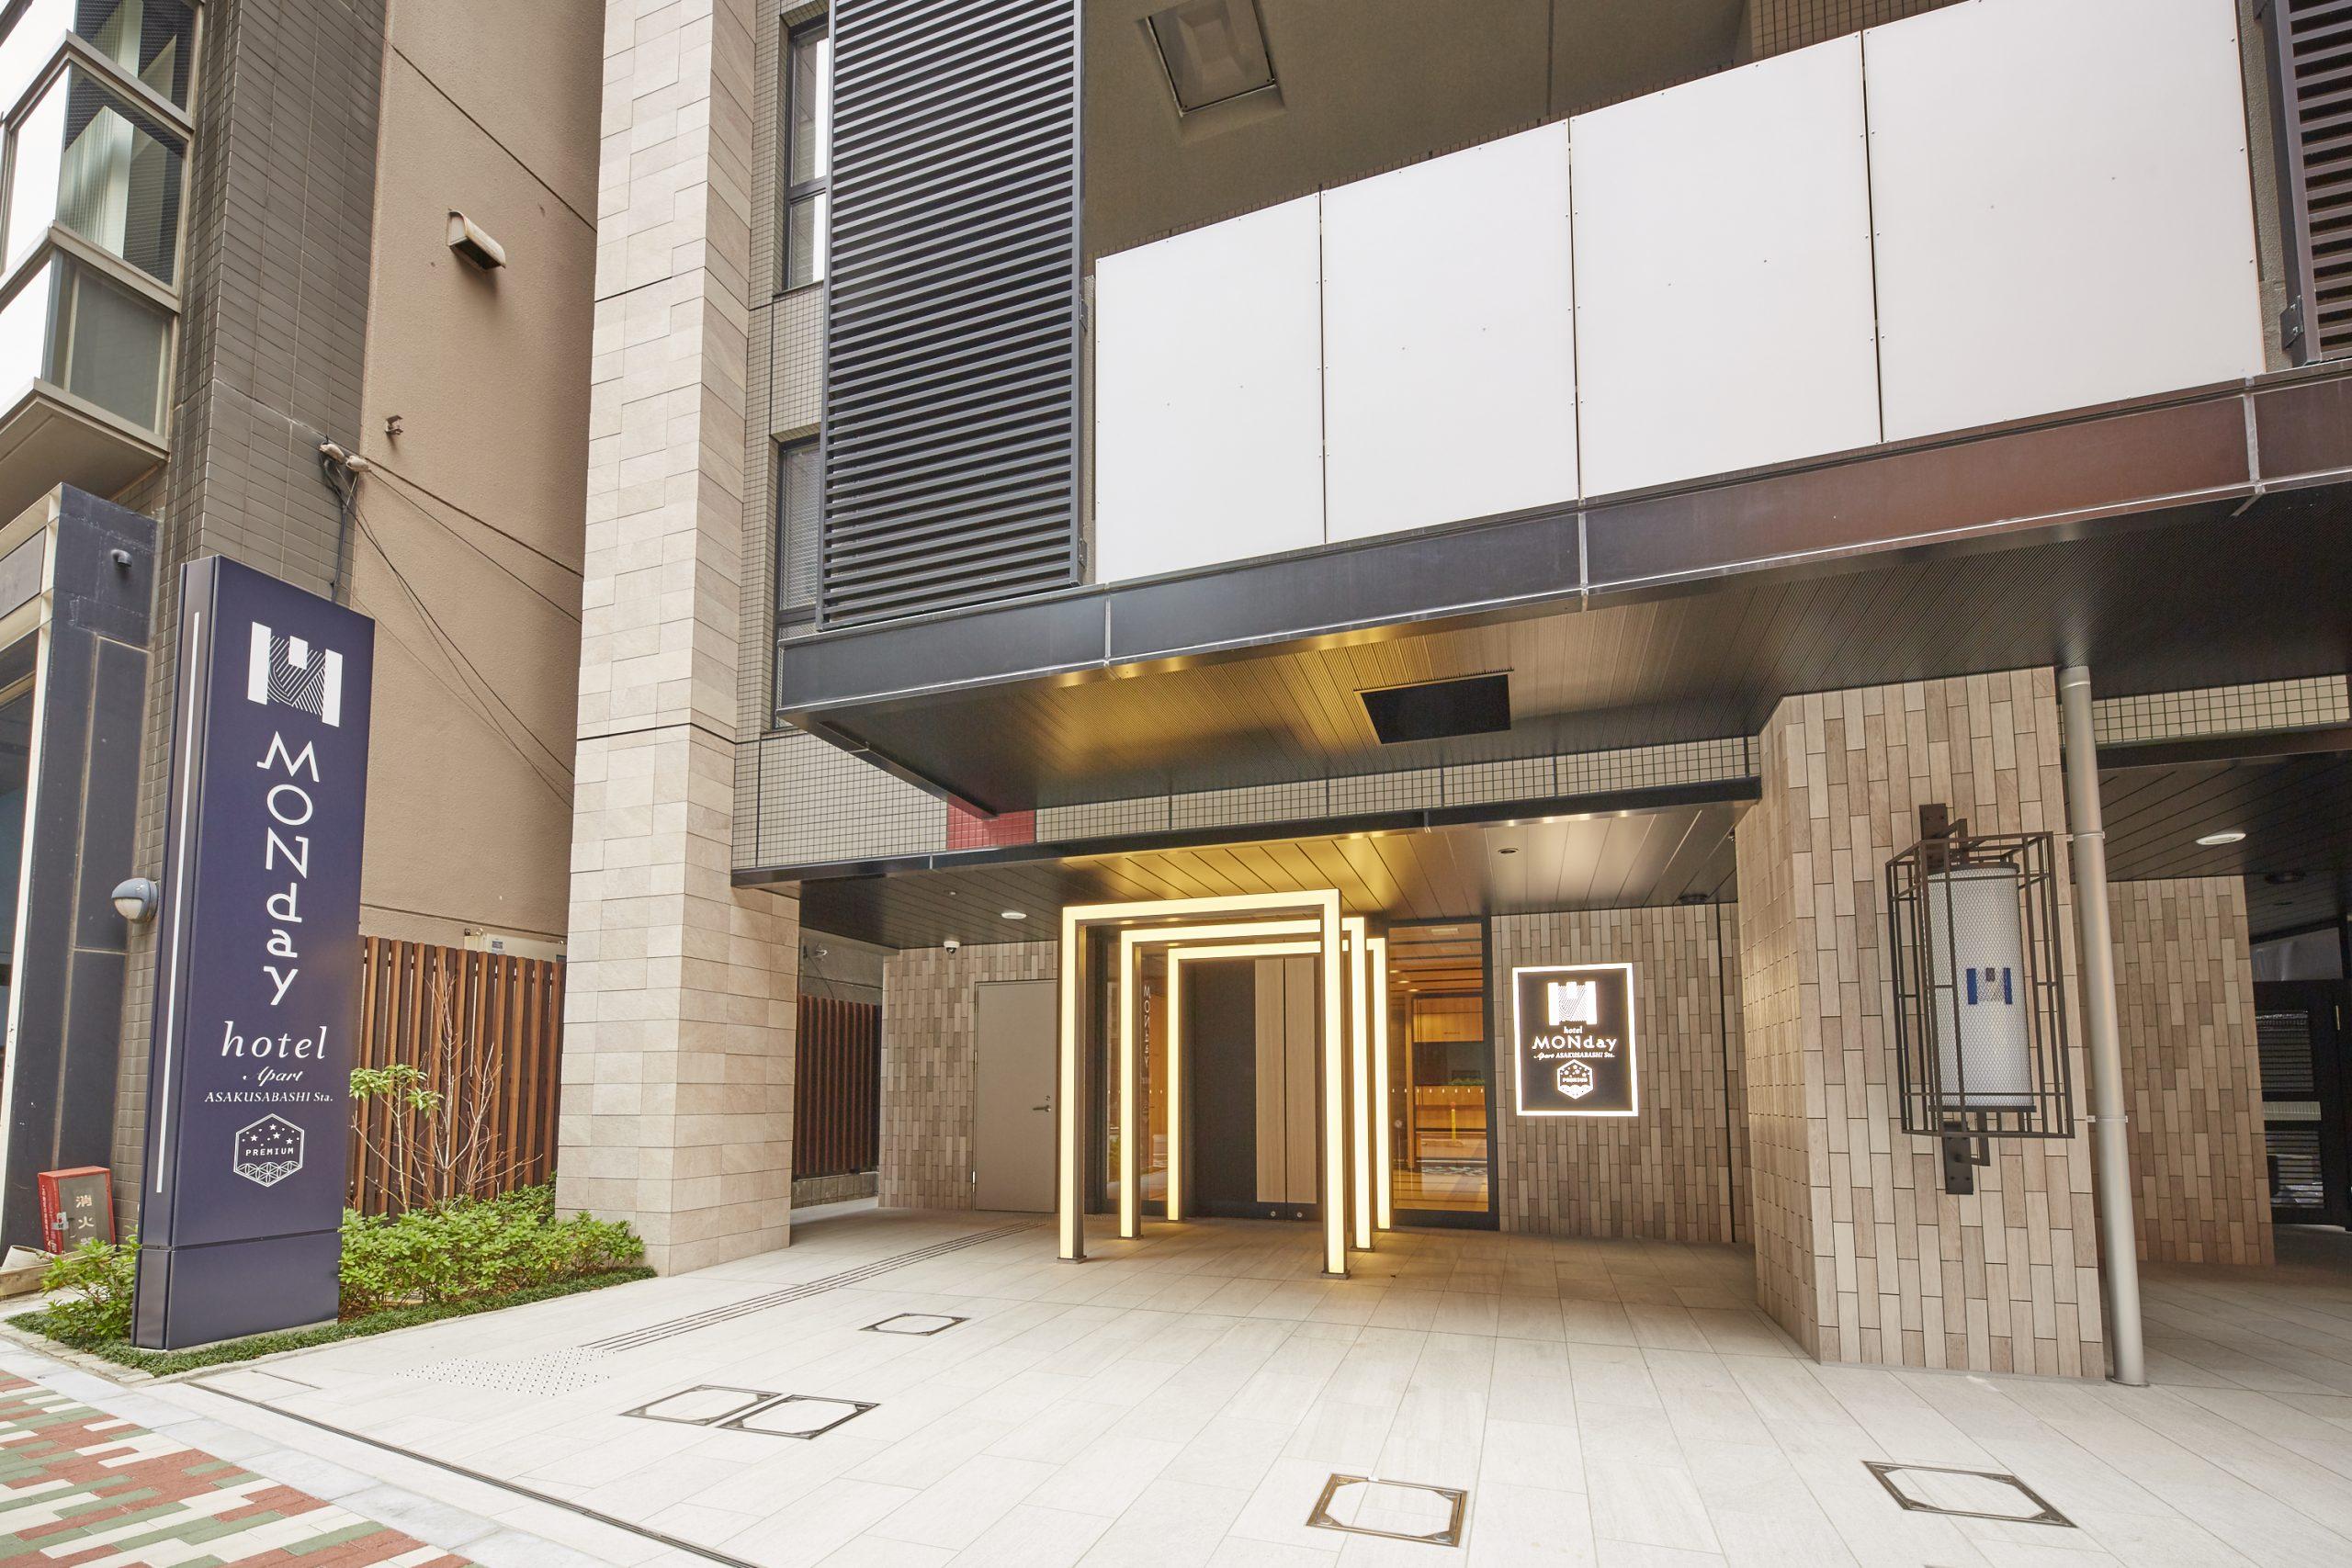 浅草橋駅より徒歩2分の好立地 ビジネスにもレジャーにご利用ください